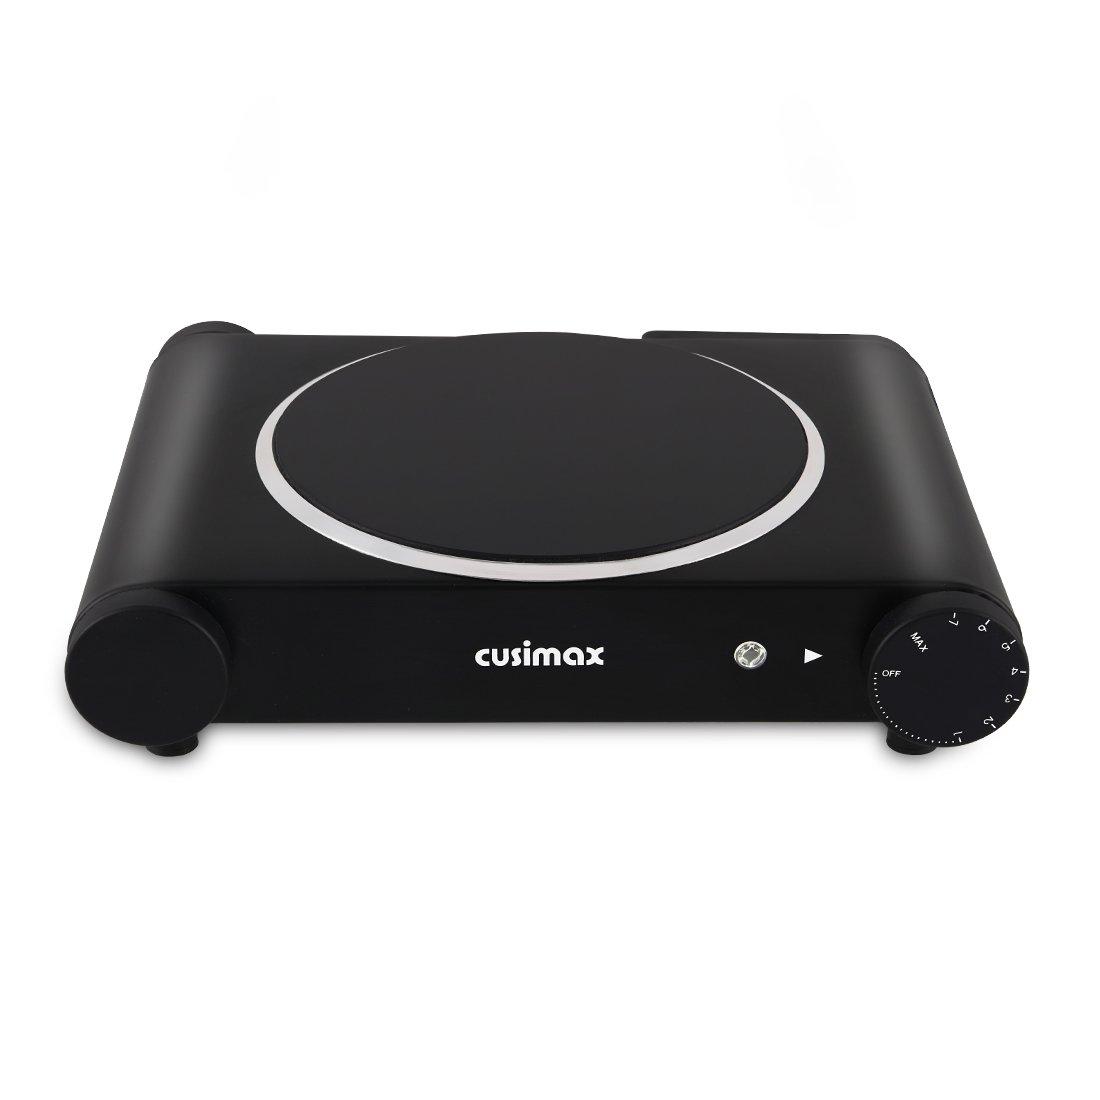 CUSIMAX 1200W Placa de infrarroja con 18 cm de superficie de cocción, Hornillos eléctricos con Temperatura ajustable, Placa de cocción individual, CMIP-B120, Negra